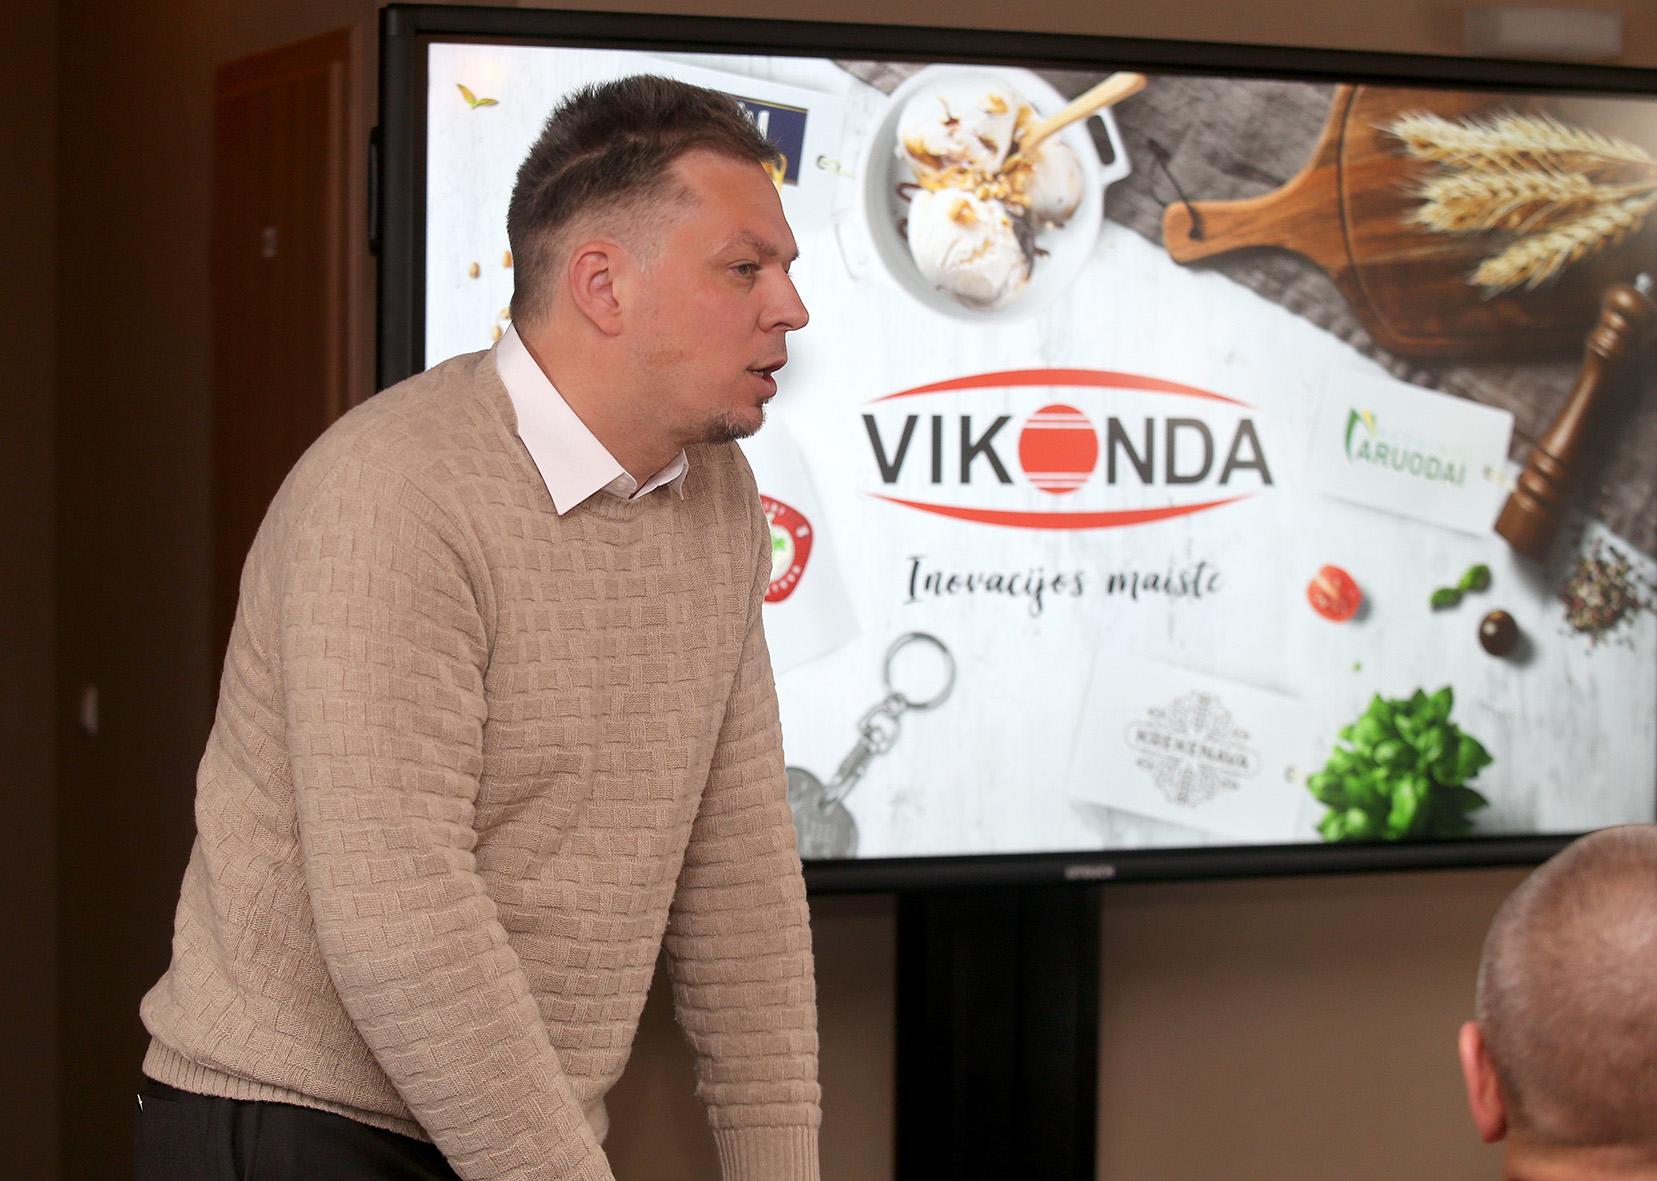 """Koncerno """"Vikonda"""" generalinis direktorius Mindaugas Snarskis praėjusią savaitę skirtingų sričių profesionalus, lyderiaujančius rinkos analizės, vartotojų elgsenos ir jų poreikių tyrimų bei inovacijų diegimo srityse, sukvietė į forumą. A. Barzdžiaus nuotr."""